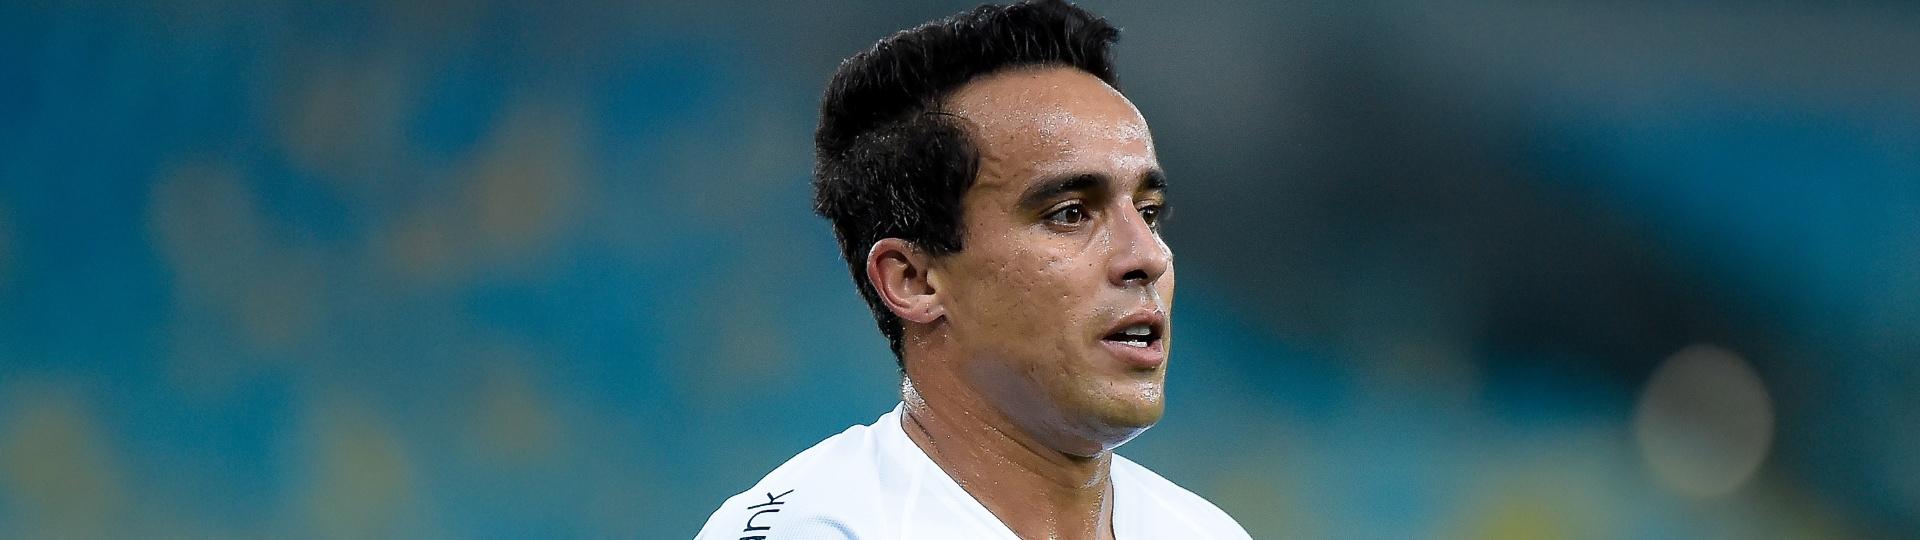 Jadson em ação pelo Corinthians contra o Fluminense